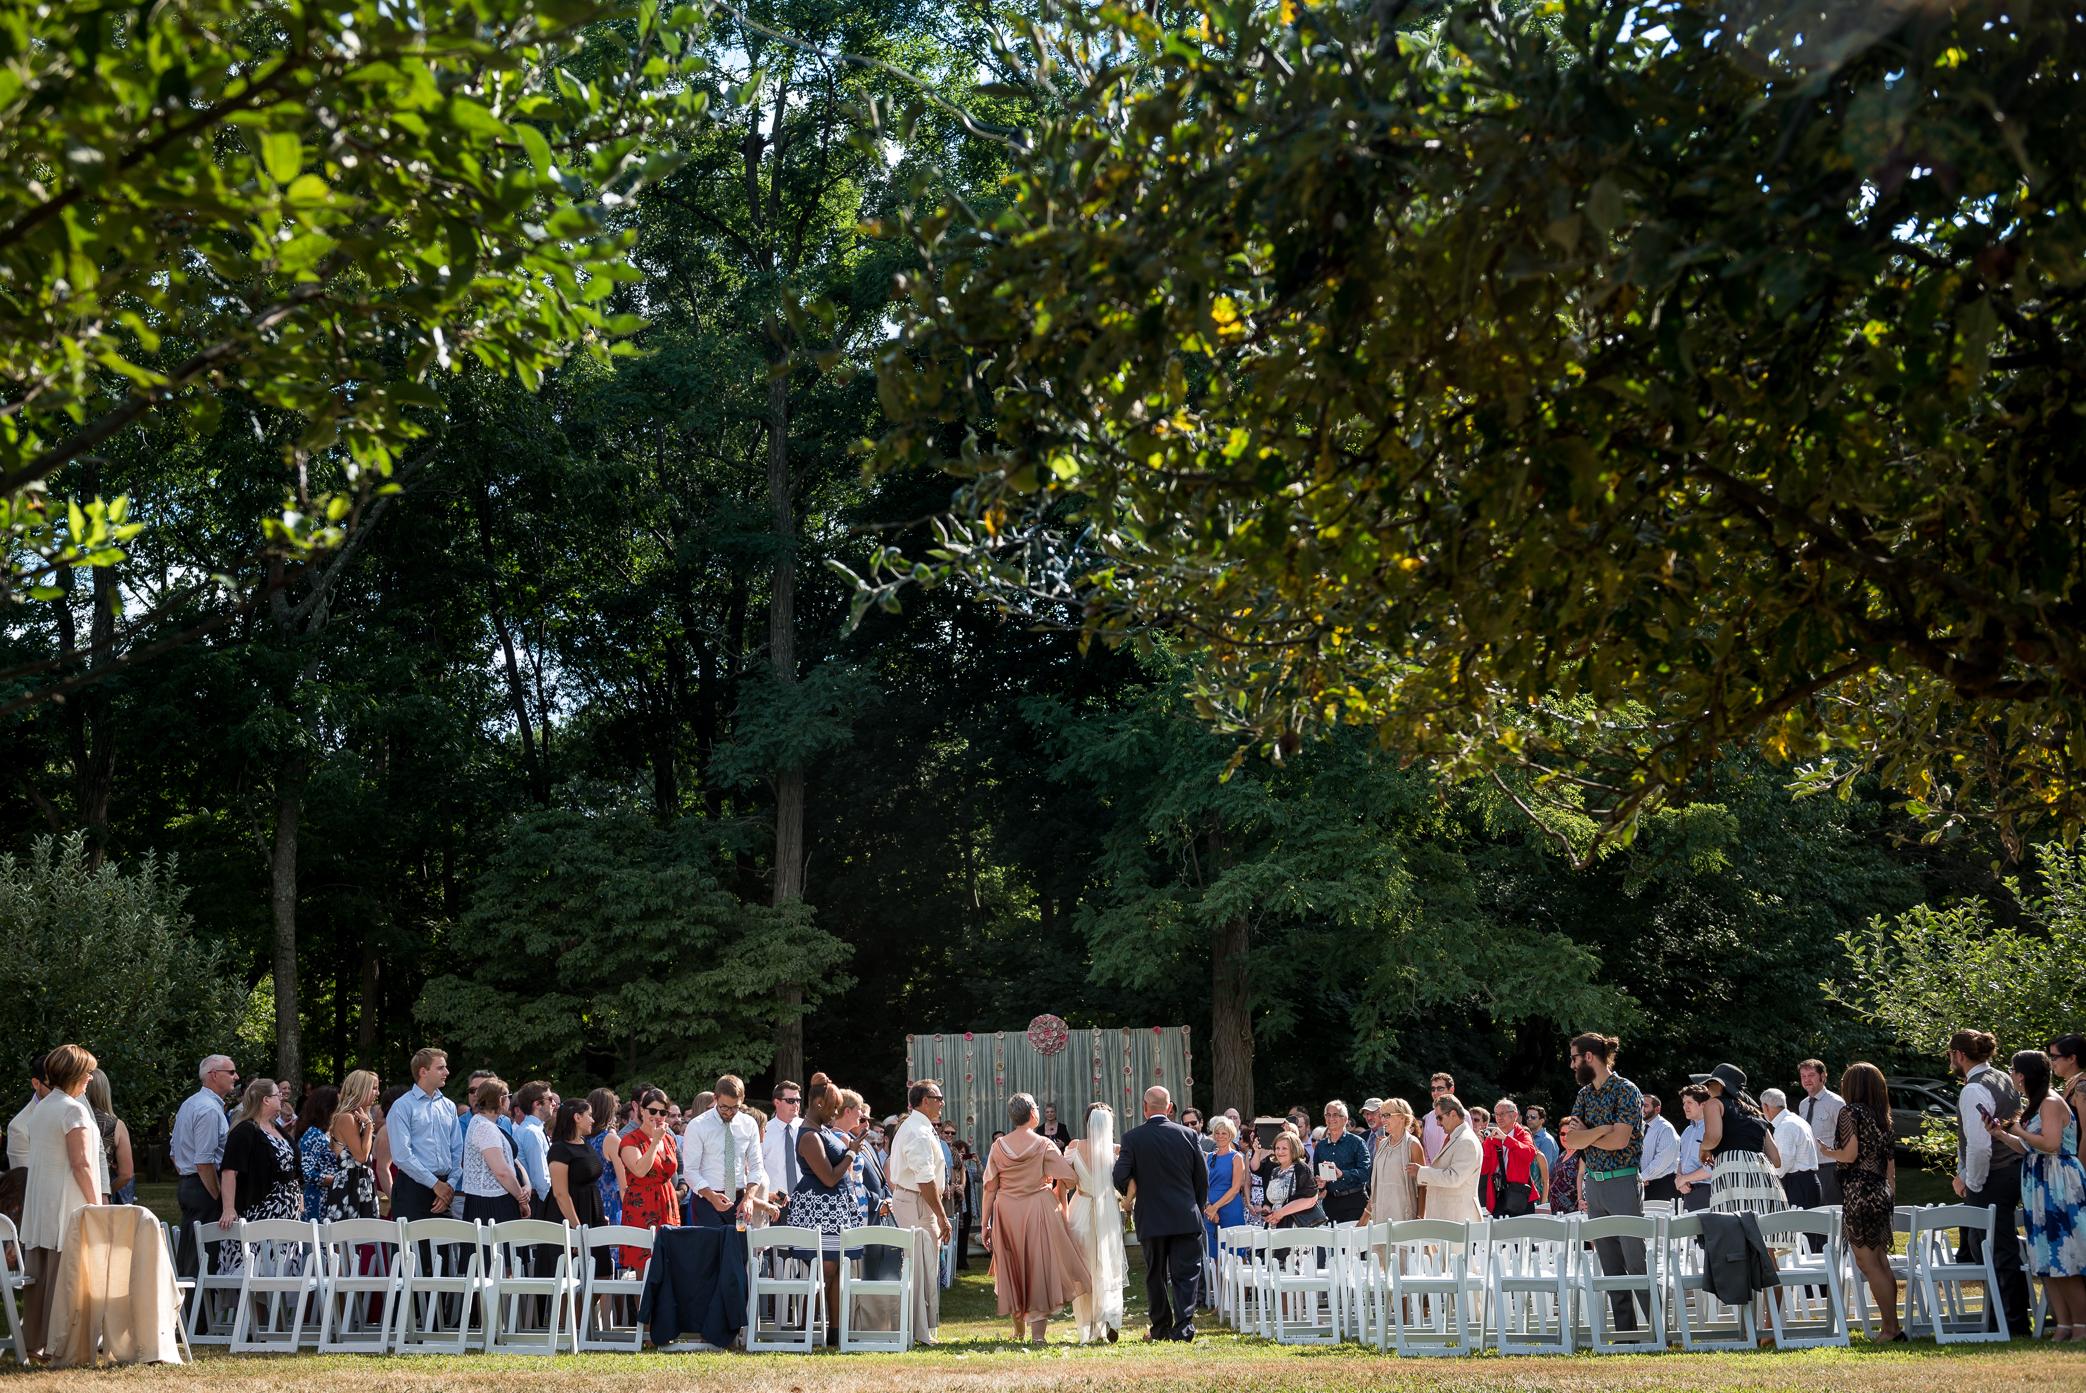 mt-sinai-wedding-bride-mom-dad